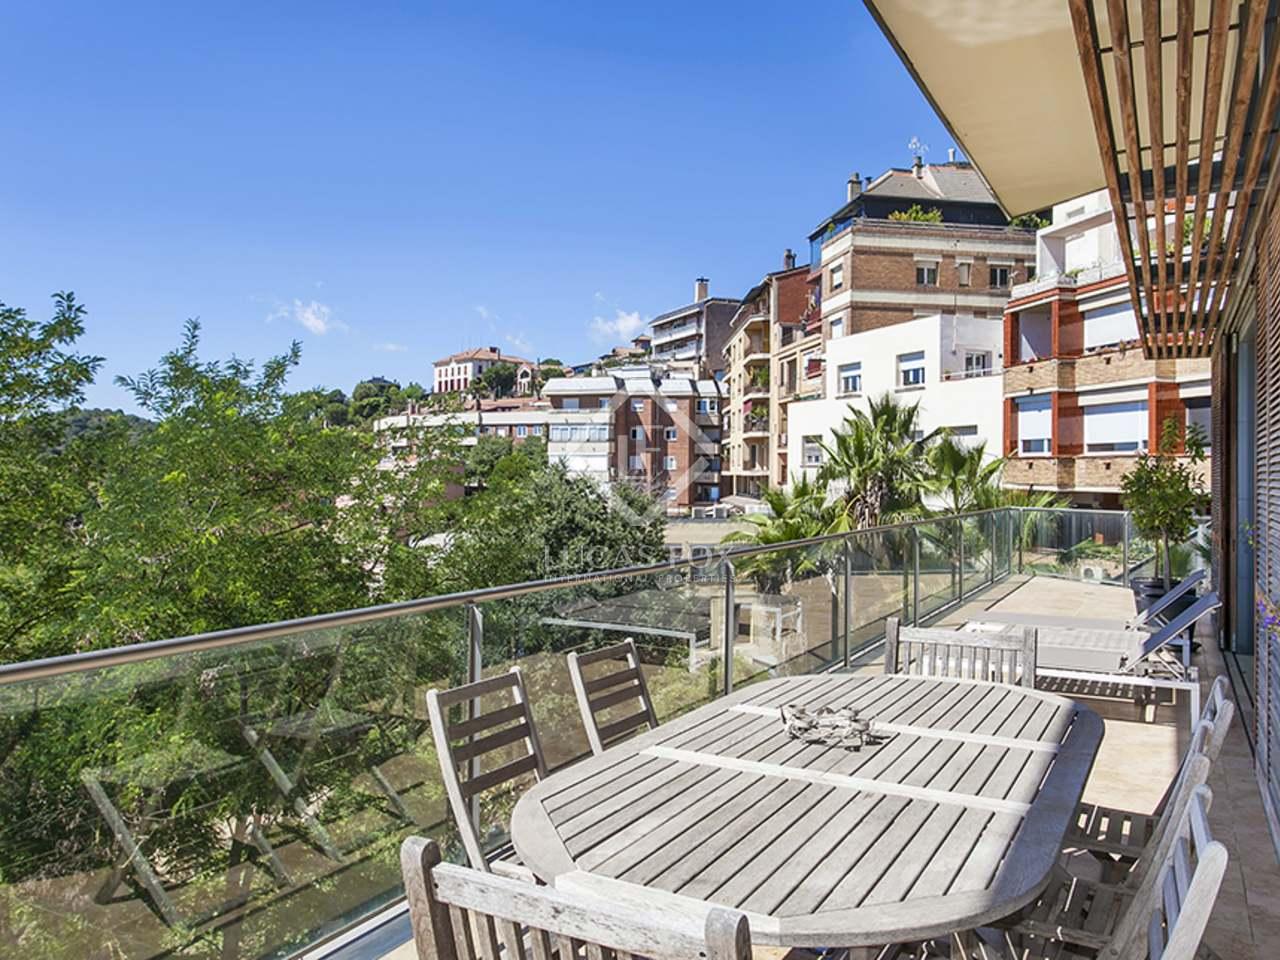 Casa de dise o en alquiler con jard n y vistas a barcelona for Casa con jardin alquiler barcelona